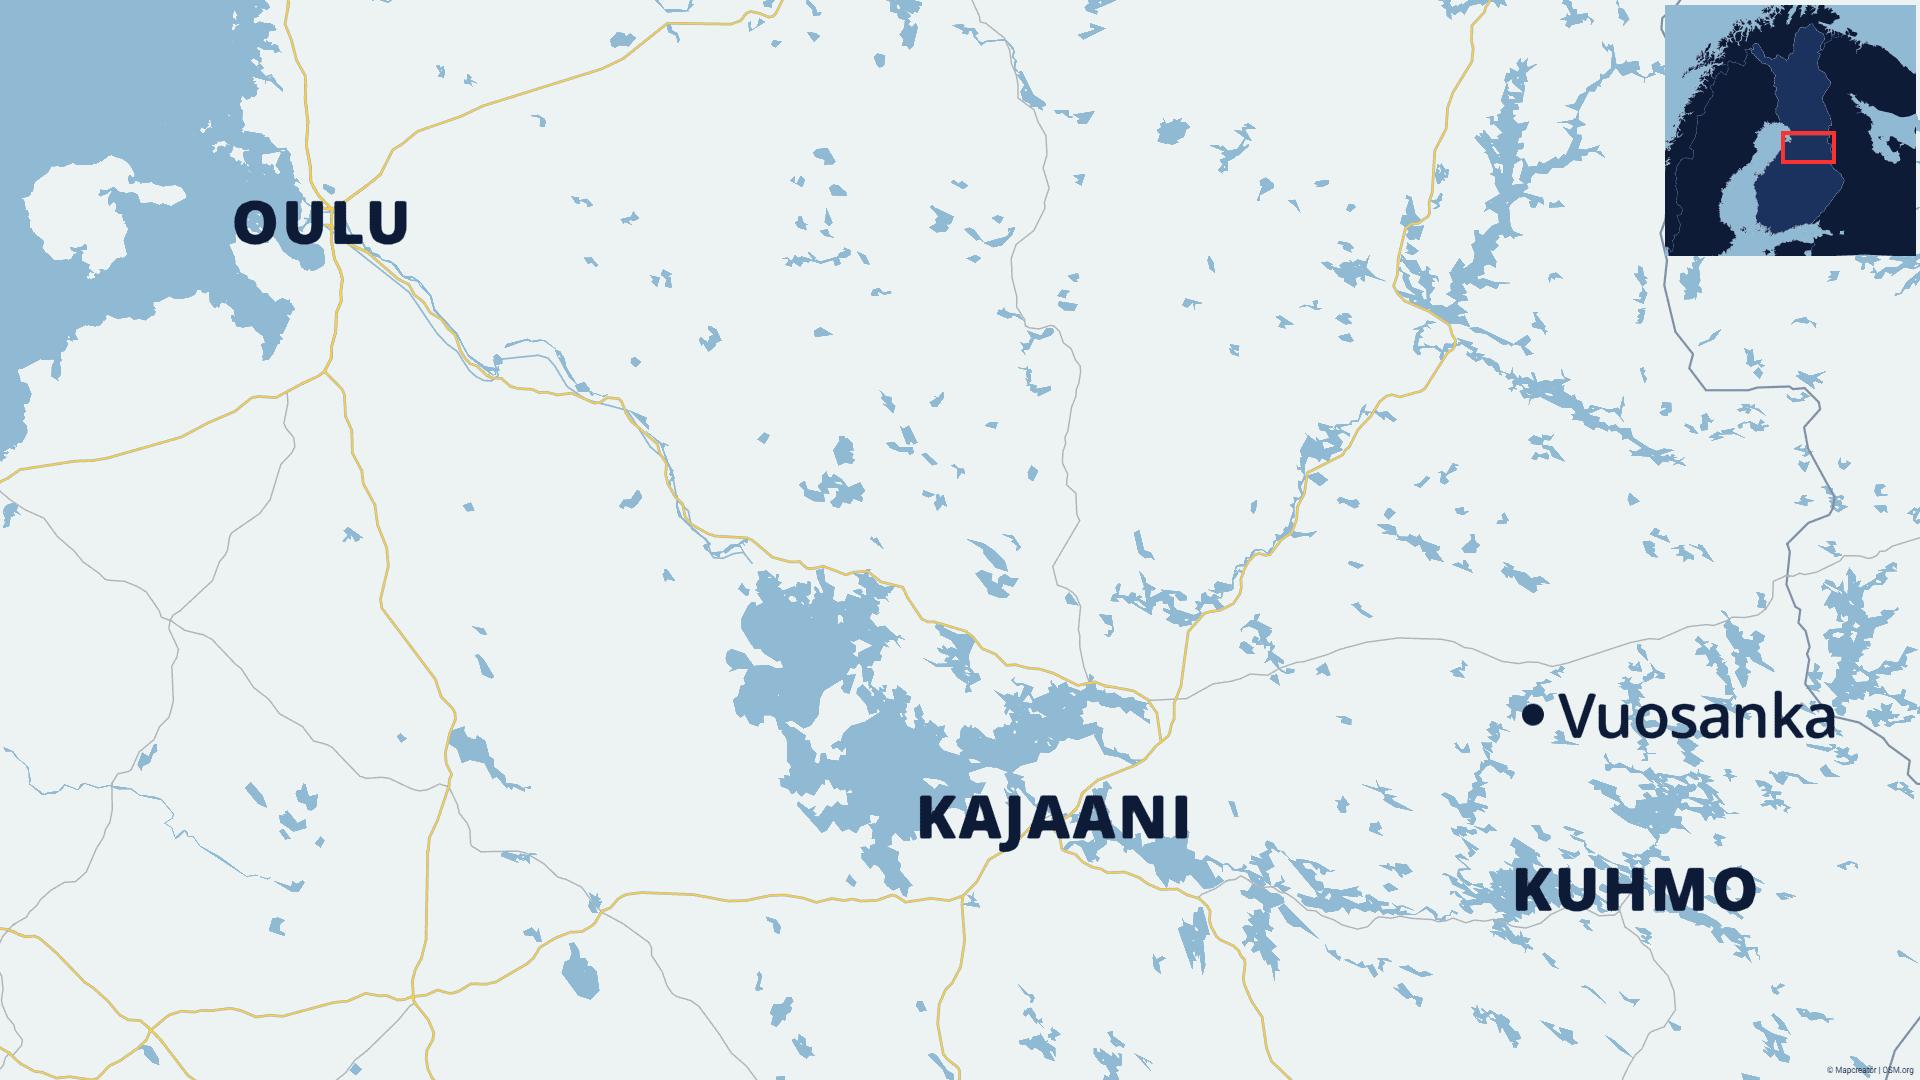 Kartalla näkyvät Oulu, Kajaani, Kuhmo ja Vuosanka.